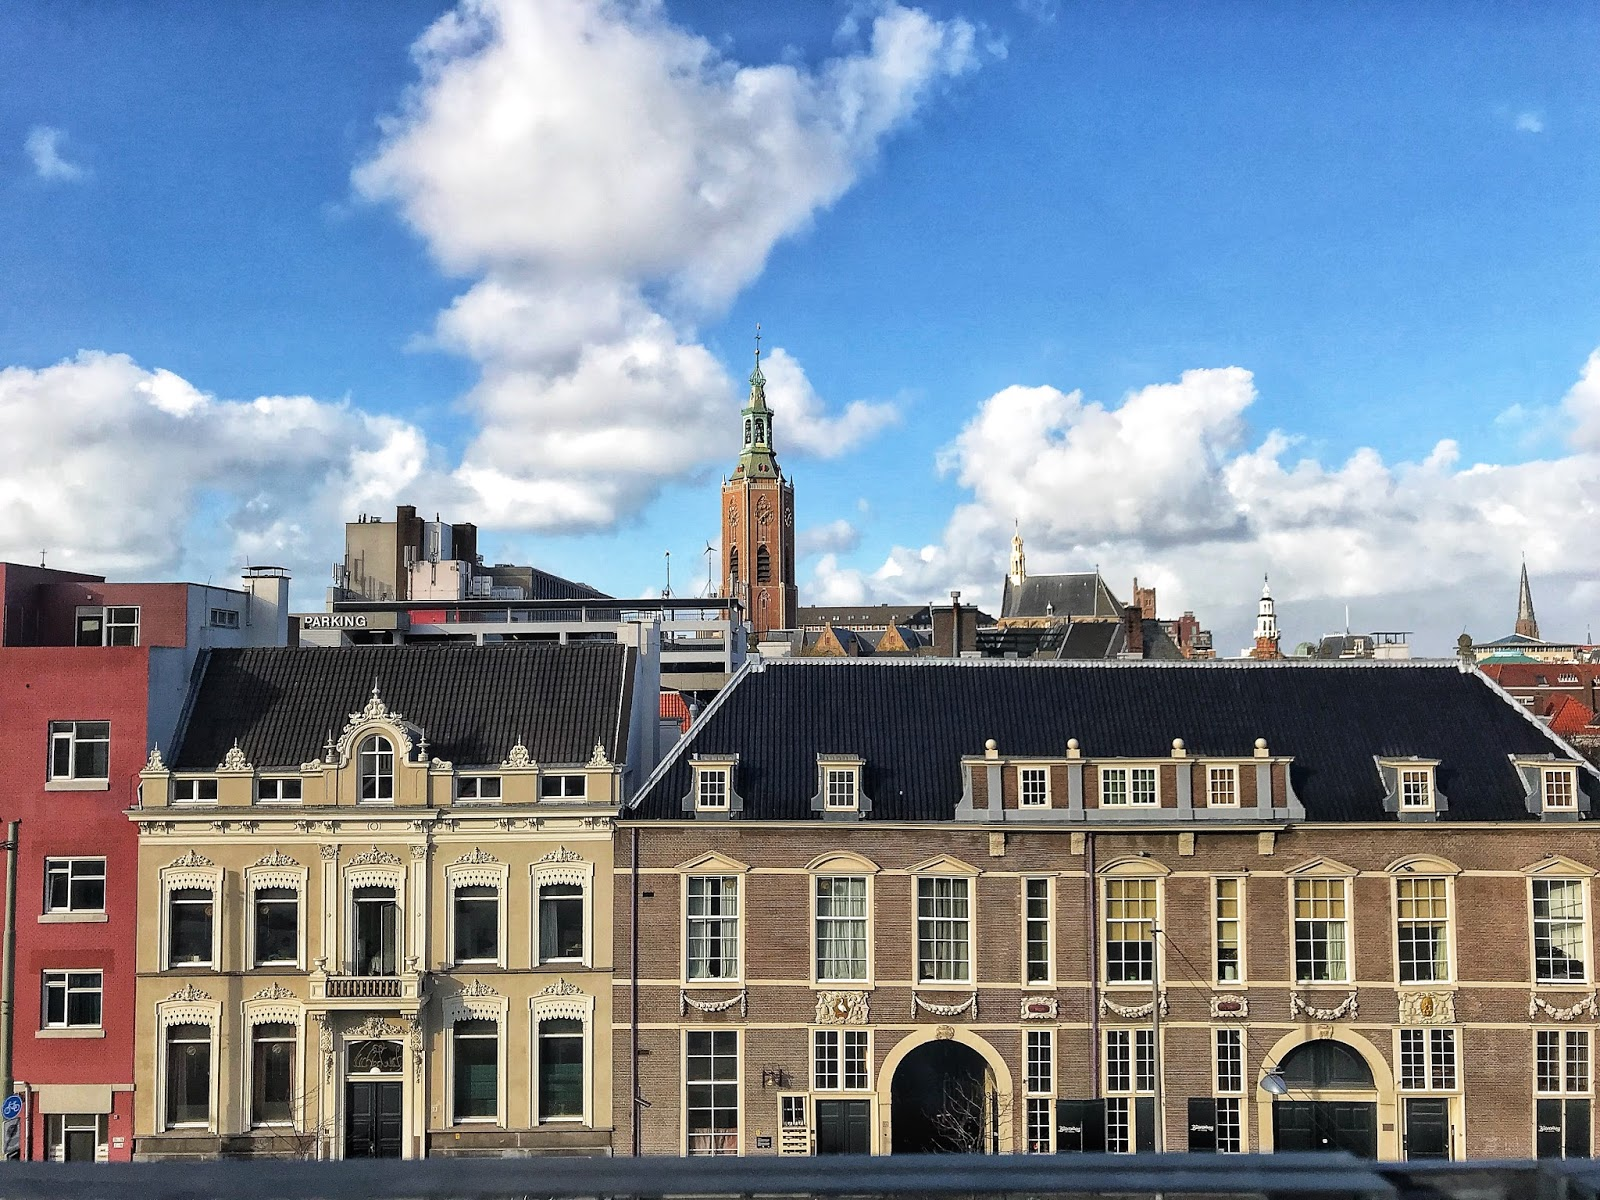 Bleyenberg Rooftop view of Grote Kerk Den Haag